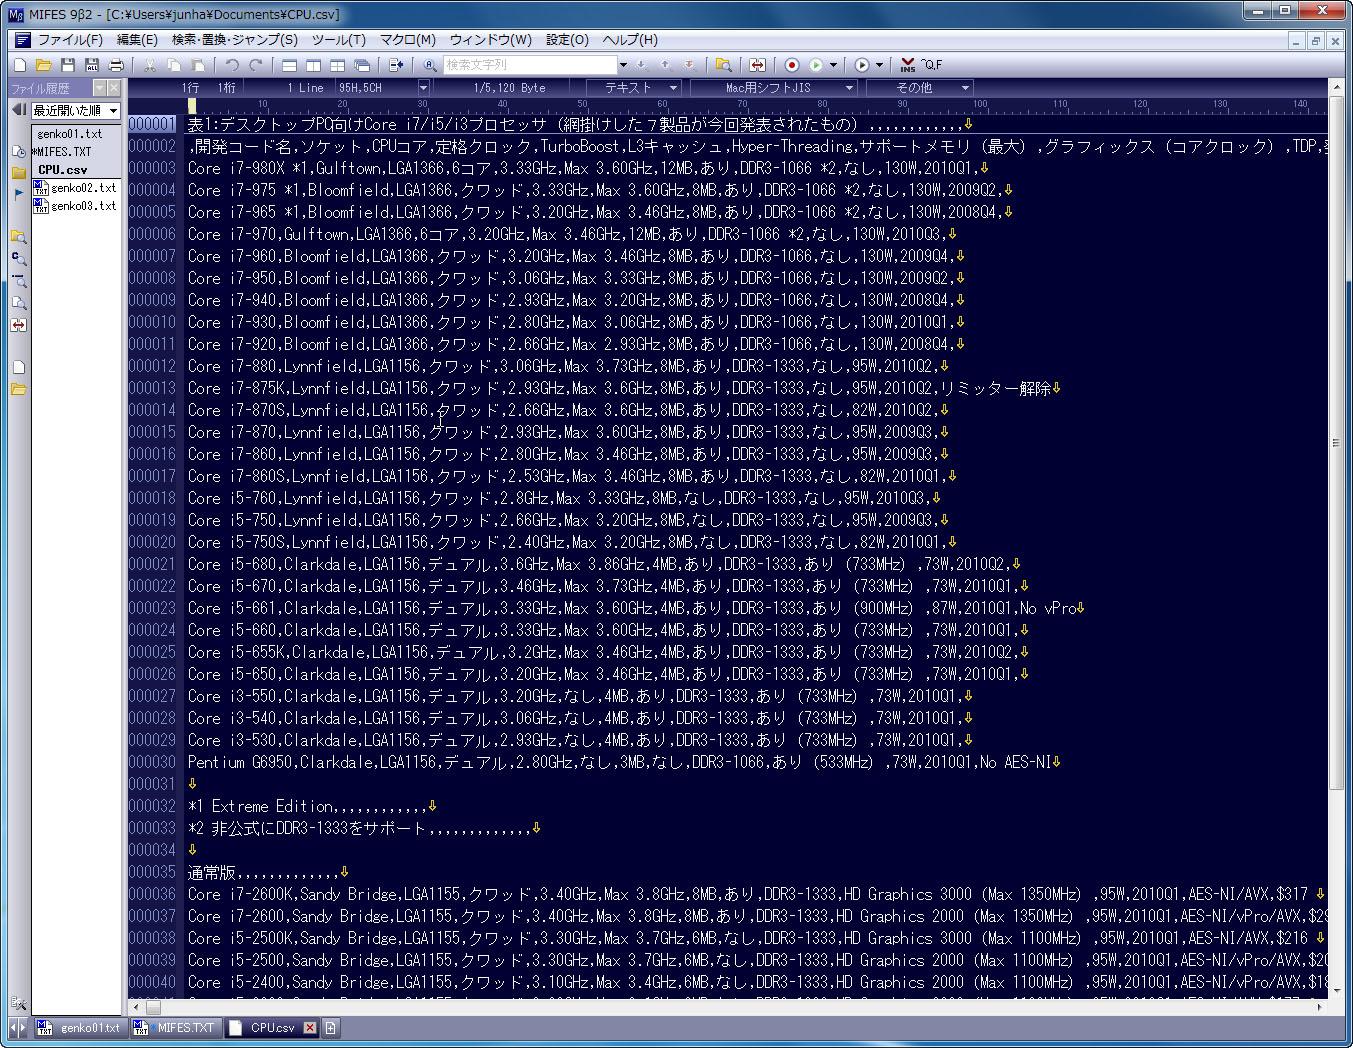 CSVファイルを通常のテキスト同様に開いたところ。テキストファイルとしては正しい表示だが、わかりにくい